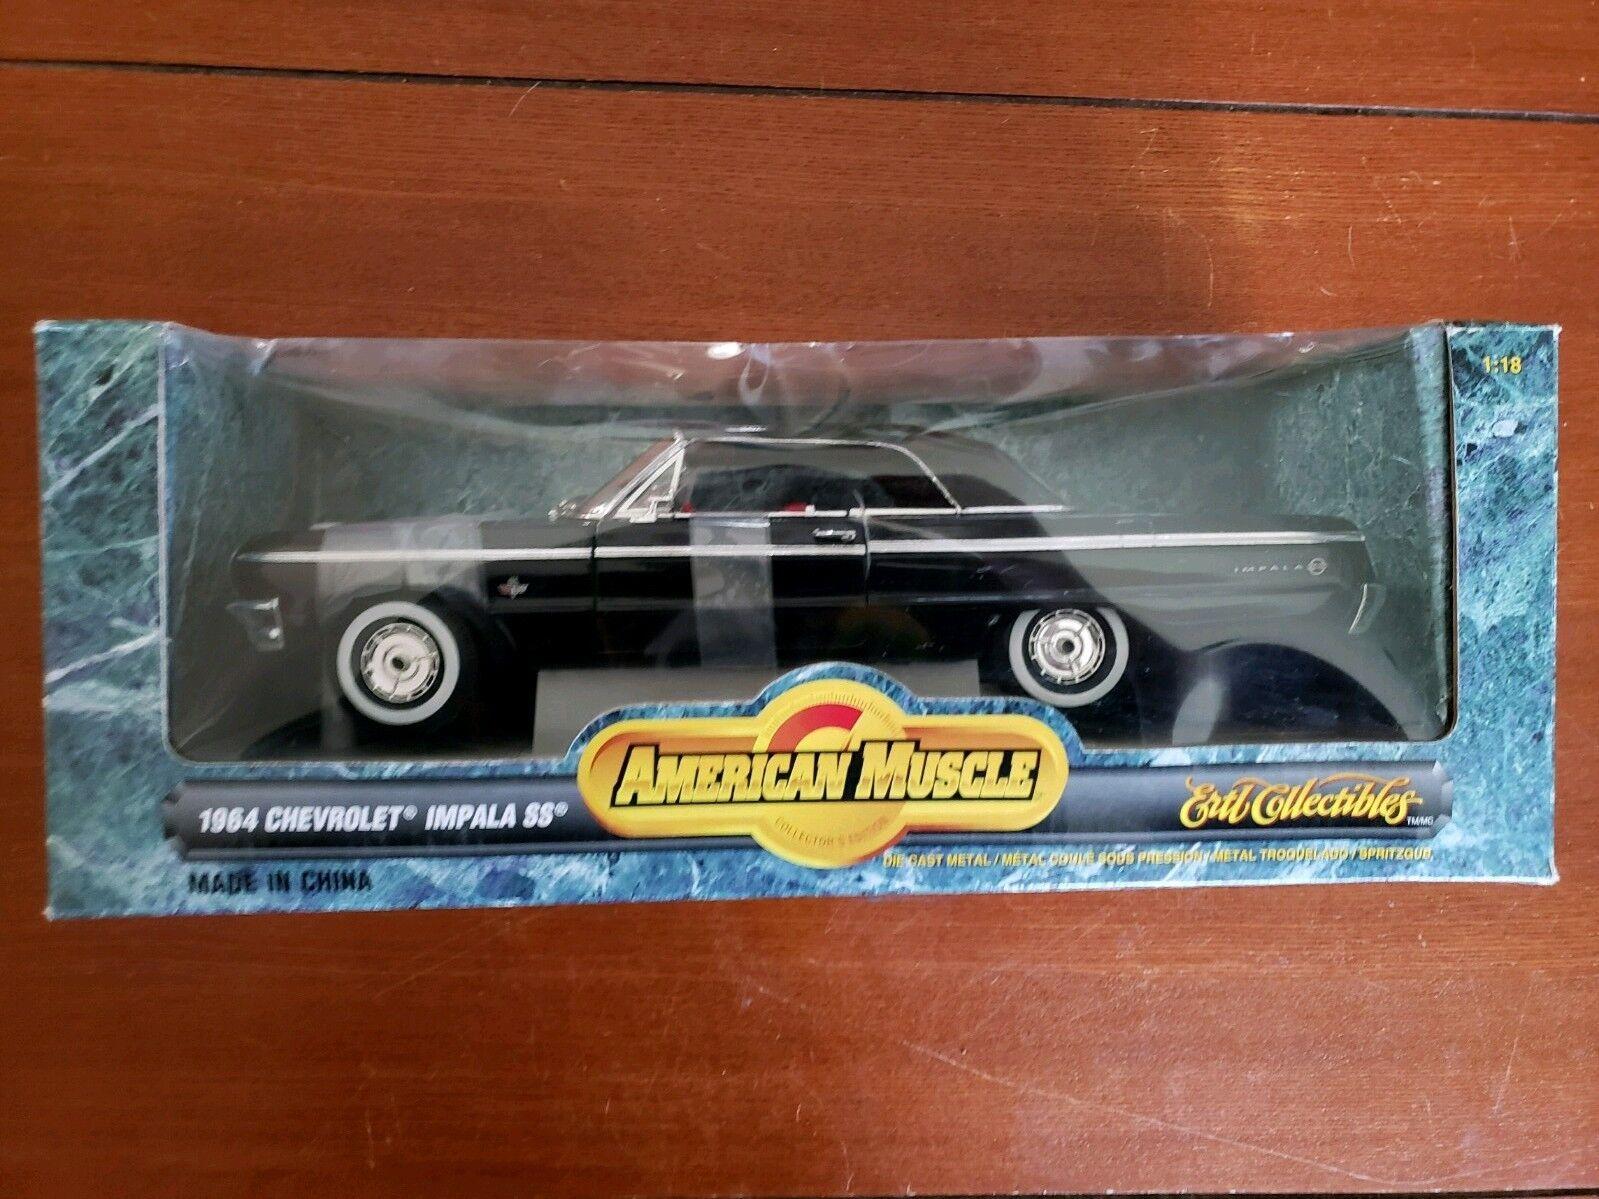 1  18  1964  CHEVY  Impala  SS  Noir  ERTL  American Muscle  1998 Année de Production  réductions et plus